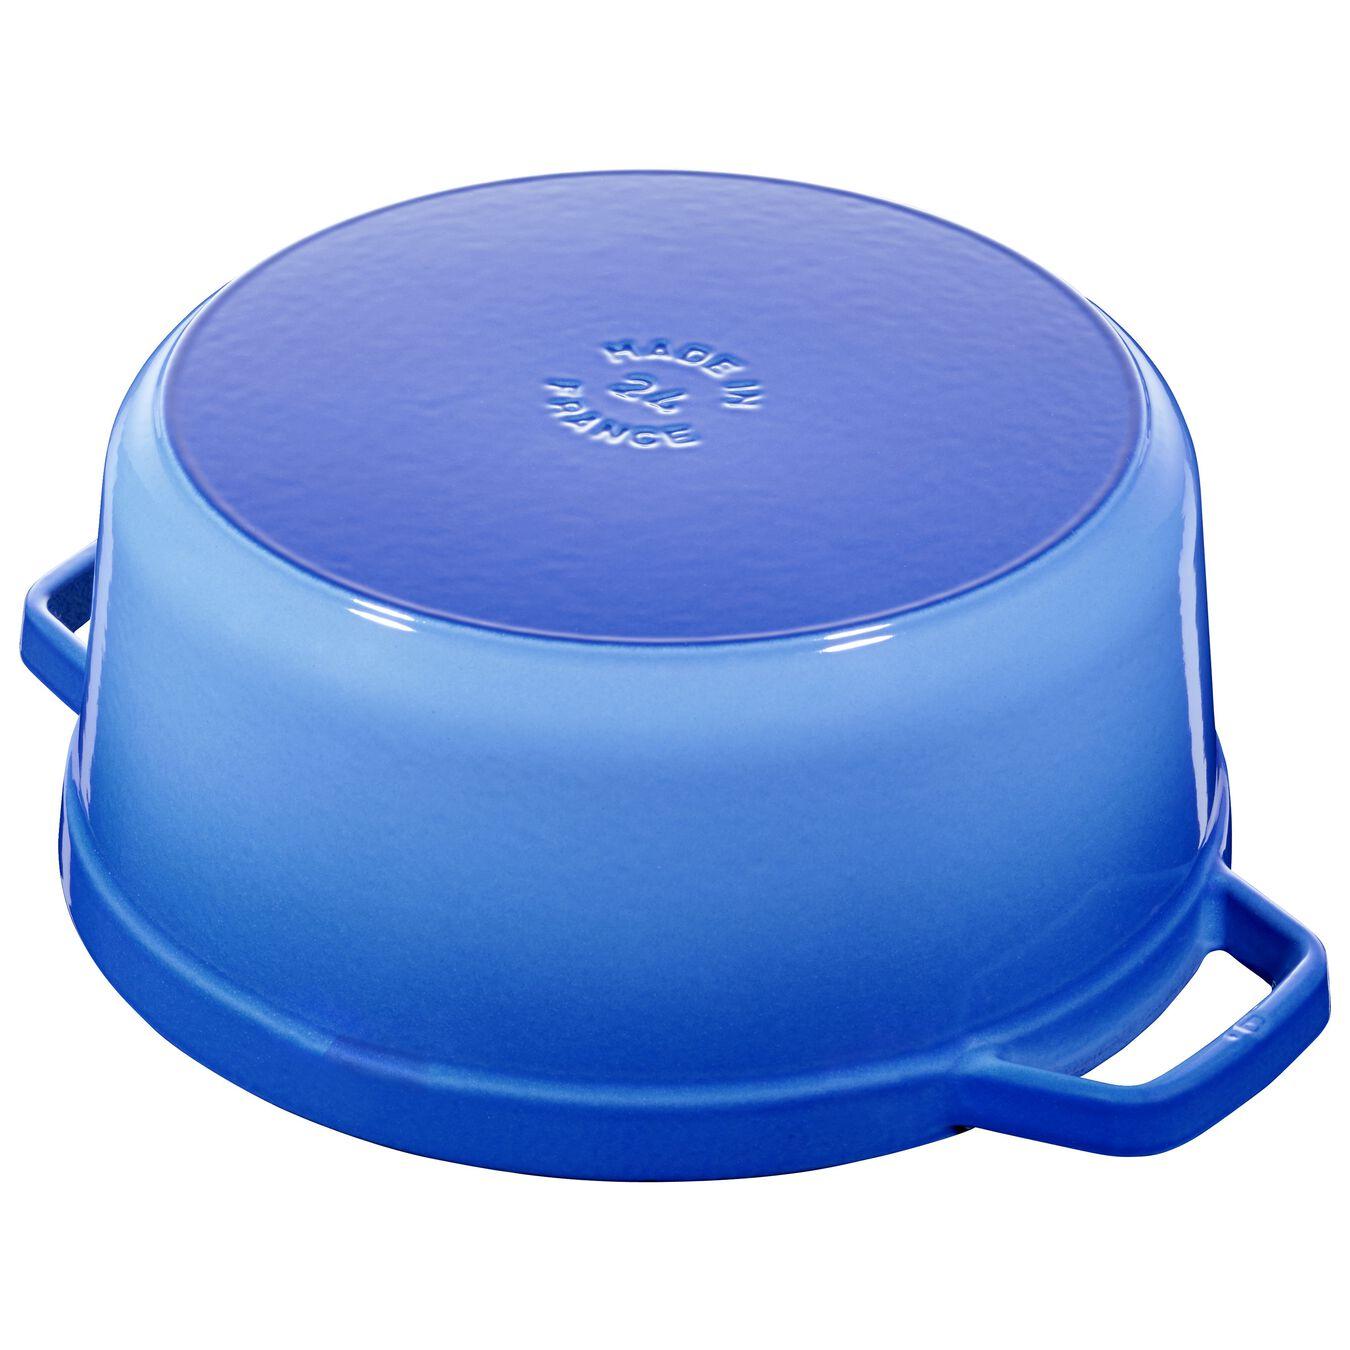 Cocotte 24 cm, Rond(e), Bleu roi, Fonte,,large 2